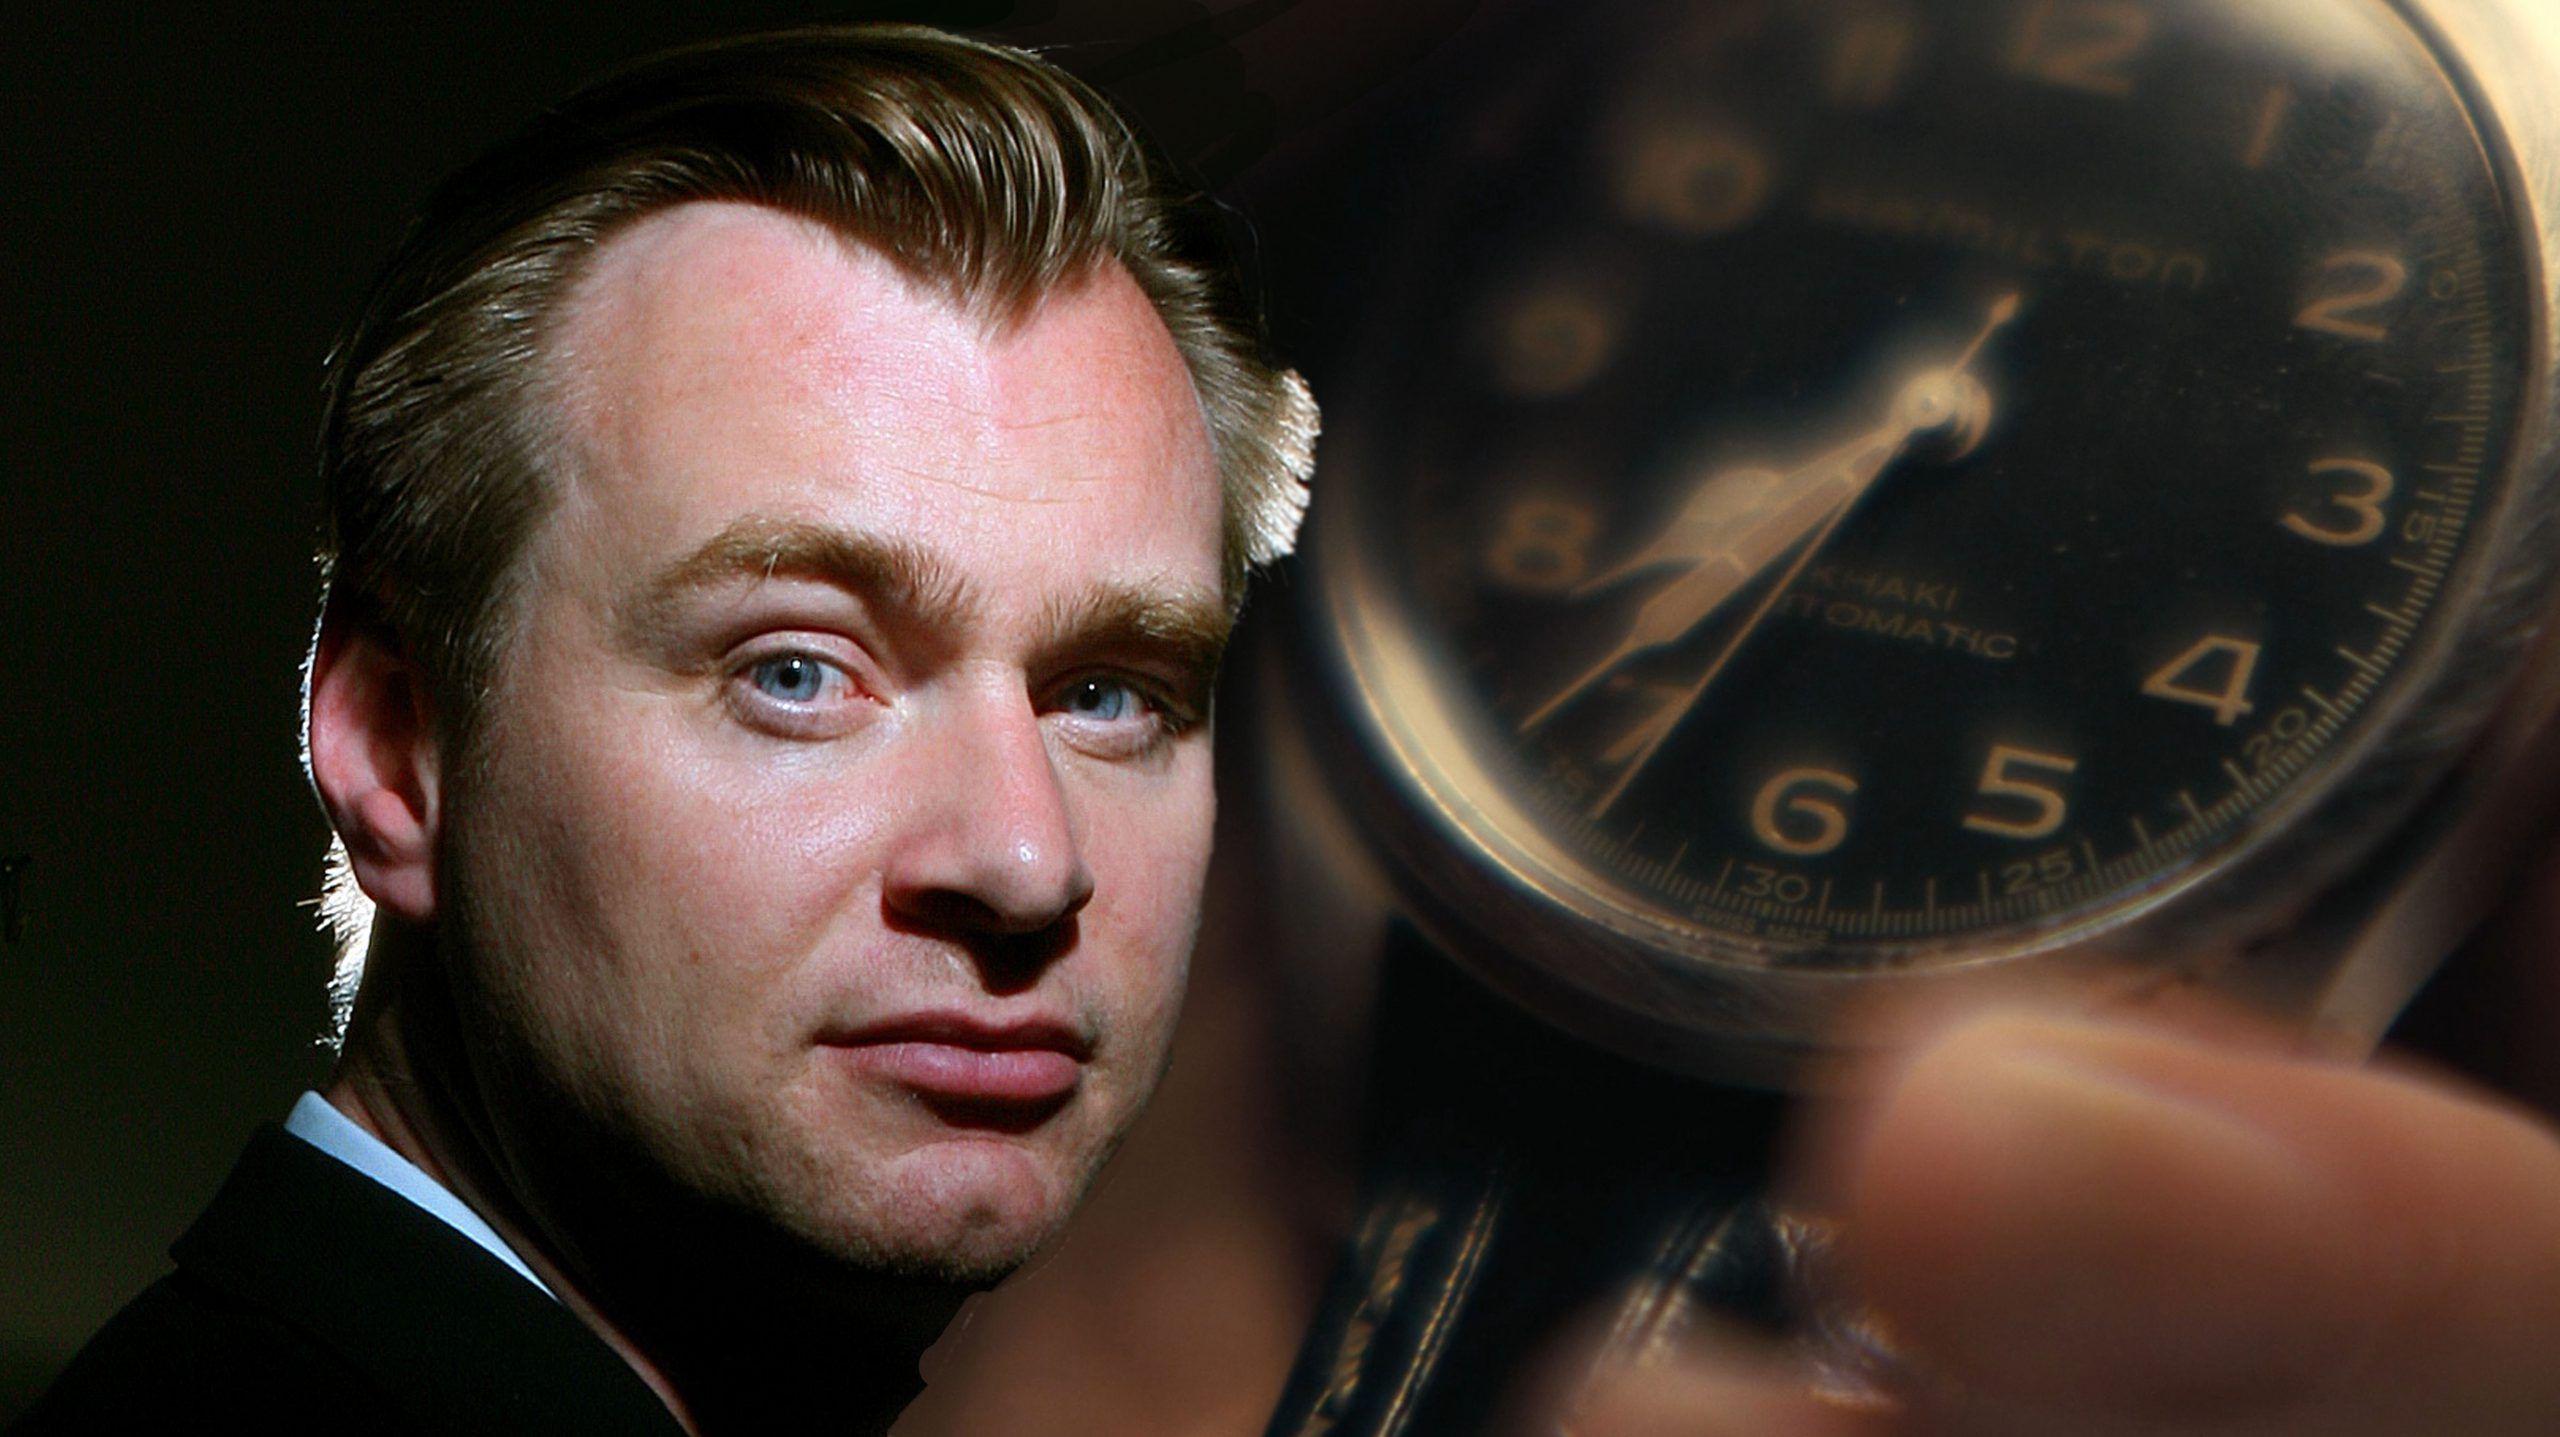 Nolan perguntou ao tempo quanto tempo o tempo tem